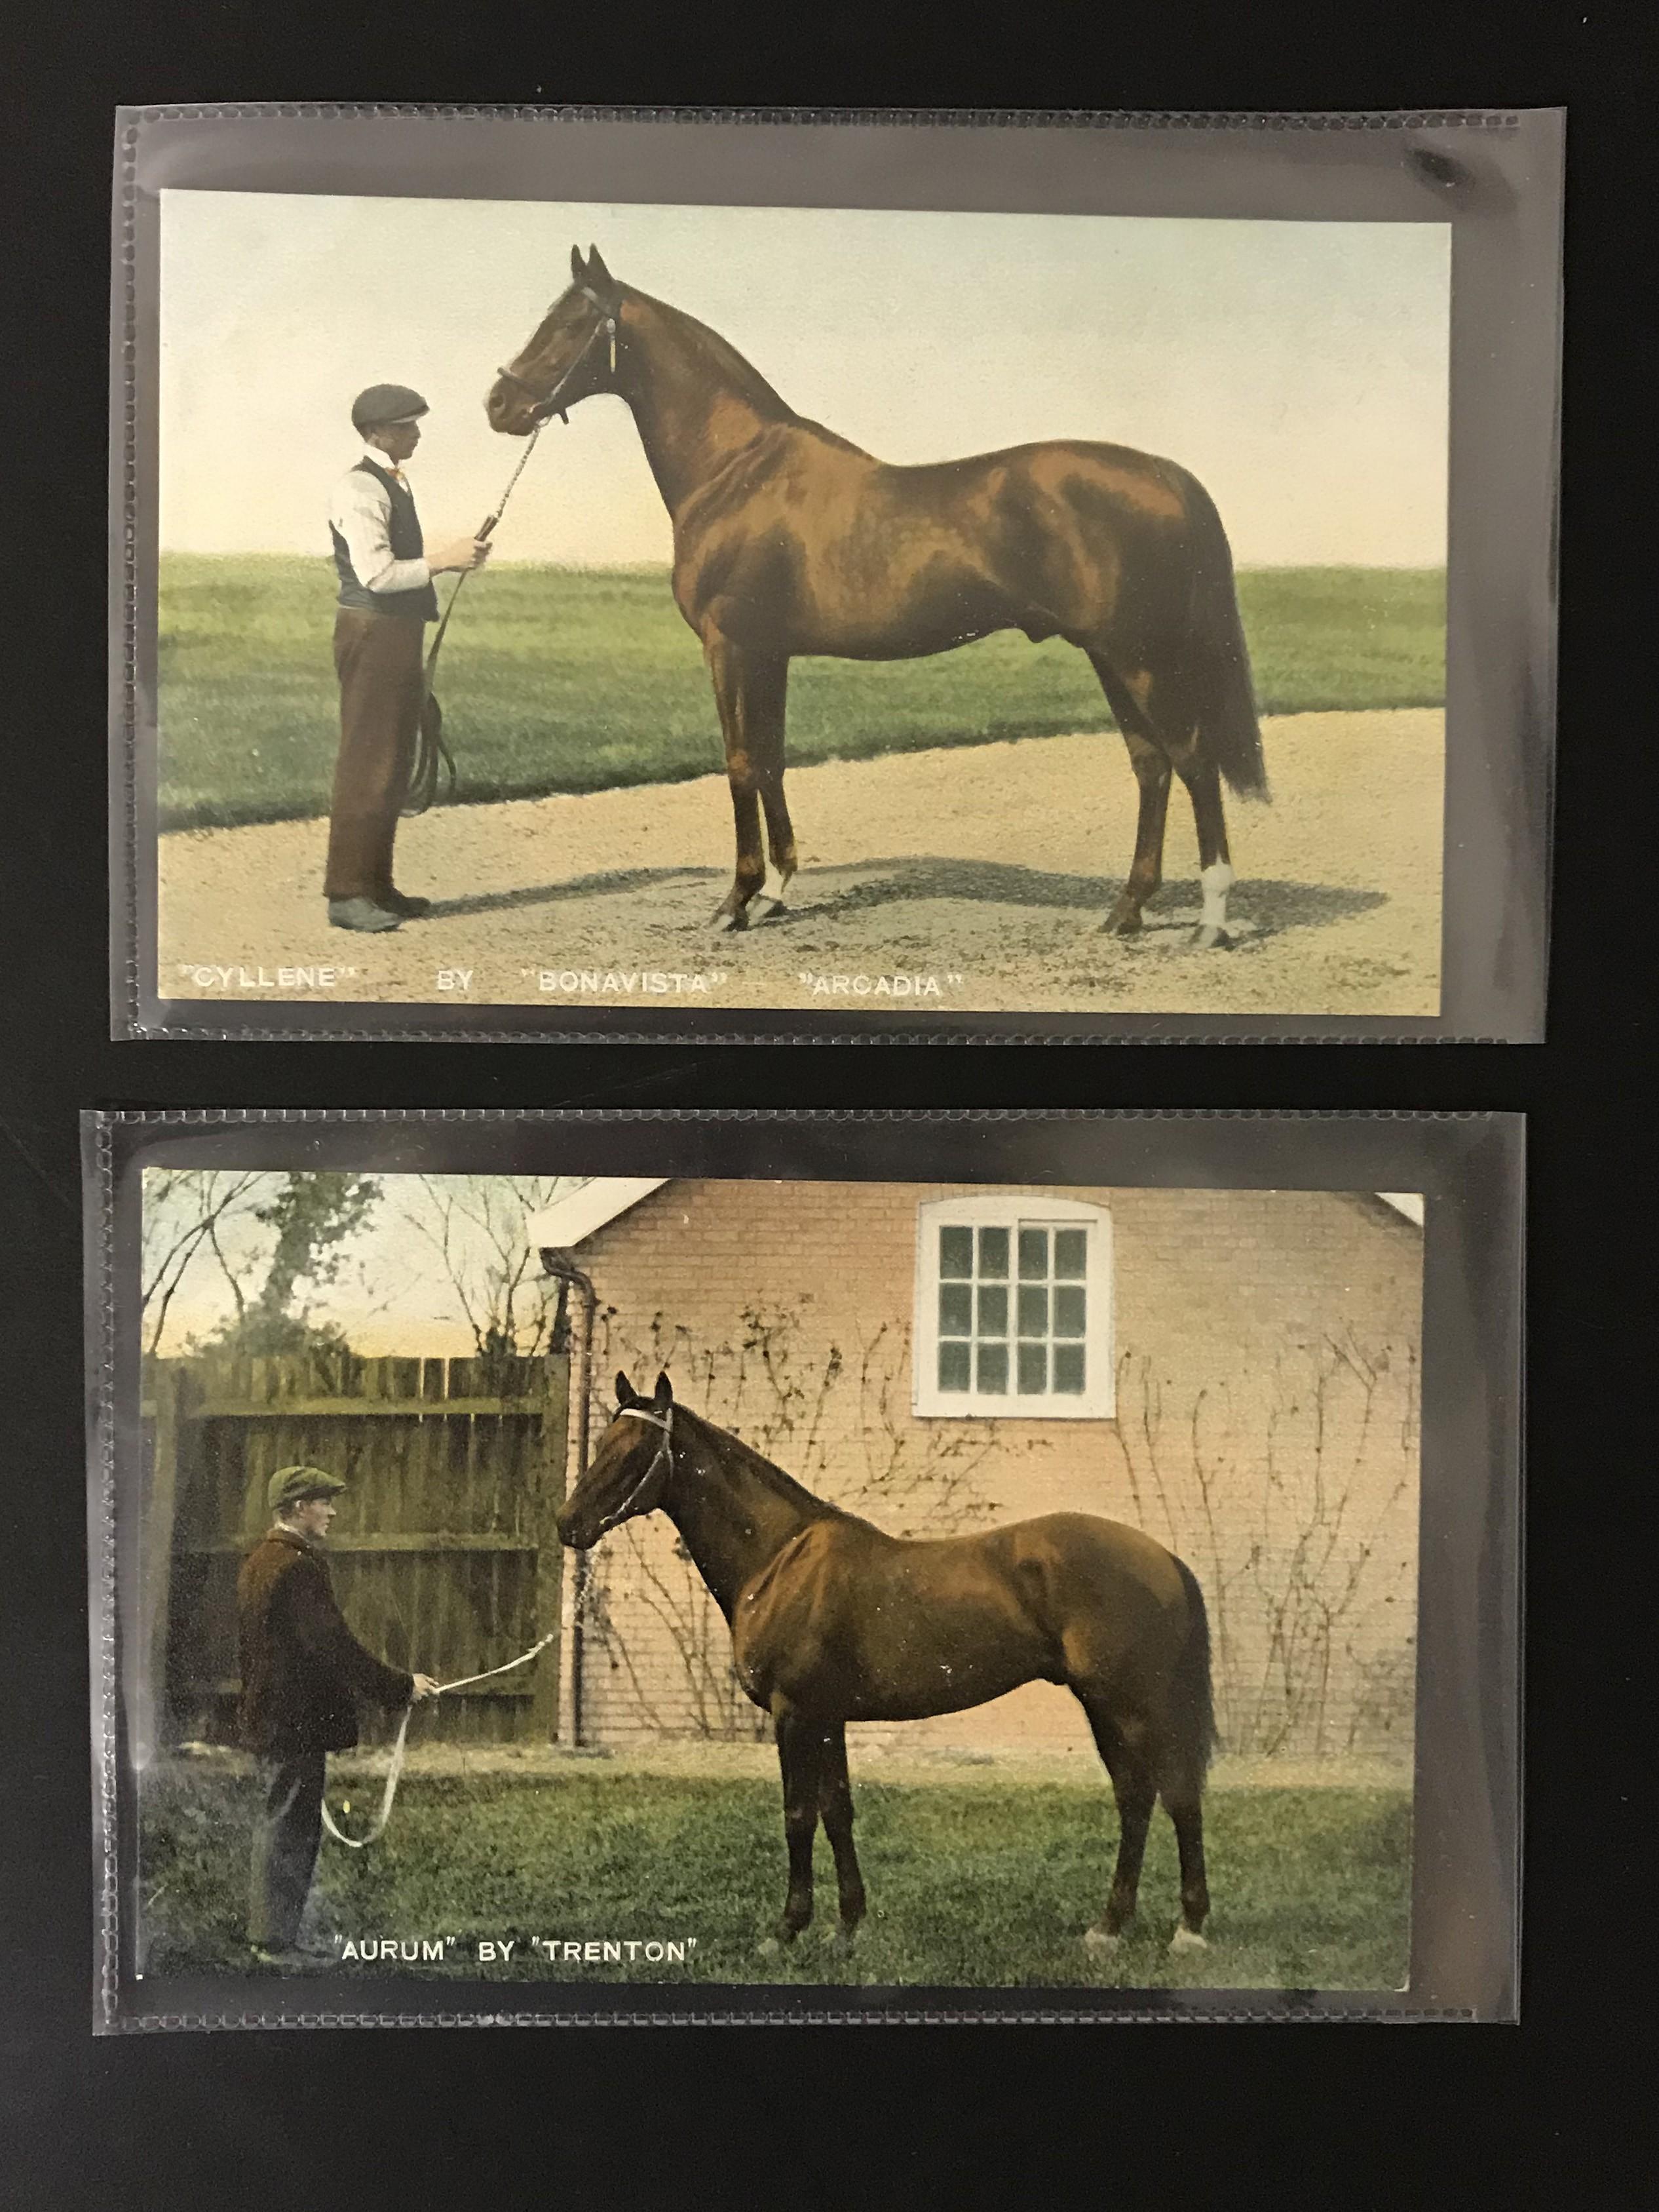 SIX UNUSED POSTCARDS BY B & D LONDON - KROMO SERIES PRINTED IN SAXONY - HORSES - Image 2 of 5